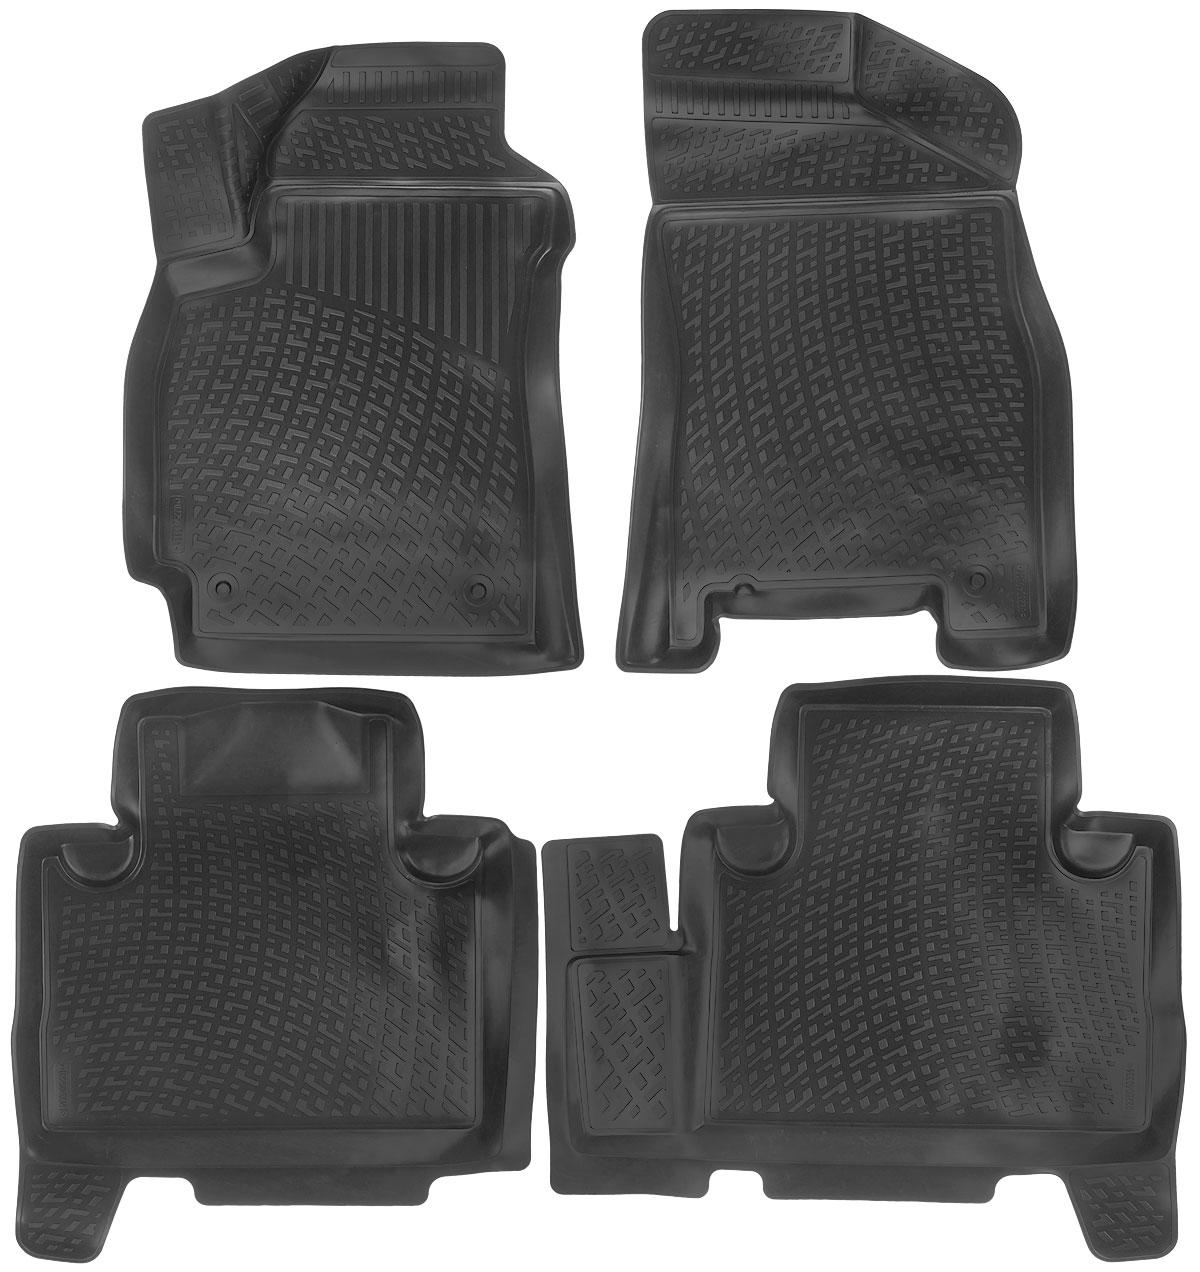 Набор автомобильных ковриков L.Locker Geely Emgrand X7 2011, в салон, 4 шт0225040301Набор L.Locker Geely Emgrand X7 2011, изготовленный из полиуретана, состоит из 4 антискользящих 3D ковриков, которые производятся индивидуально для каждой модели автомобиля. Изделие точно повторяет геометрию пола автомобиля, имеет высокий борт, обладает повышенной износоустойчивостью, лишено резкого запаха и сохраняет свои потребительские свойства в широком диапазоне температур от -50°С до +50°С. Комплектация: 4 шт. Размер ковриков: 78 см х 54 см; 70 см х 64 см; 80 см х 70 см; 82 см х 54 см.